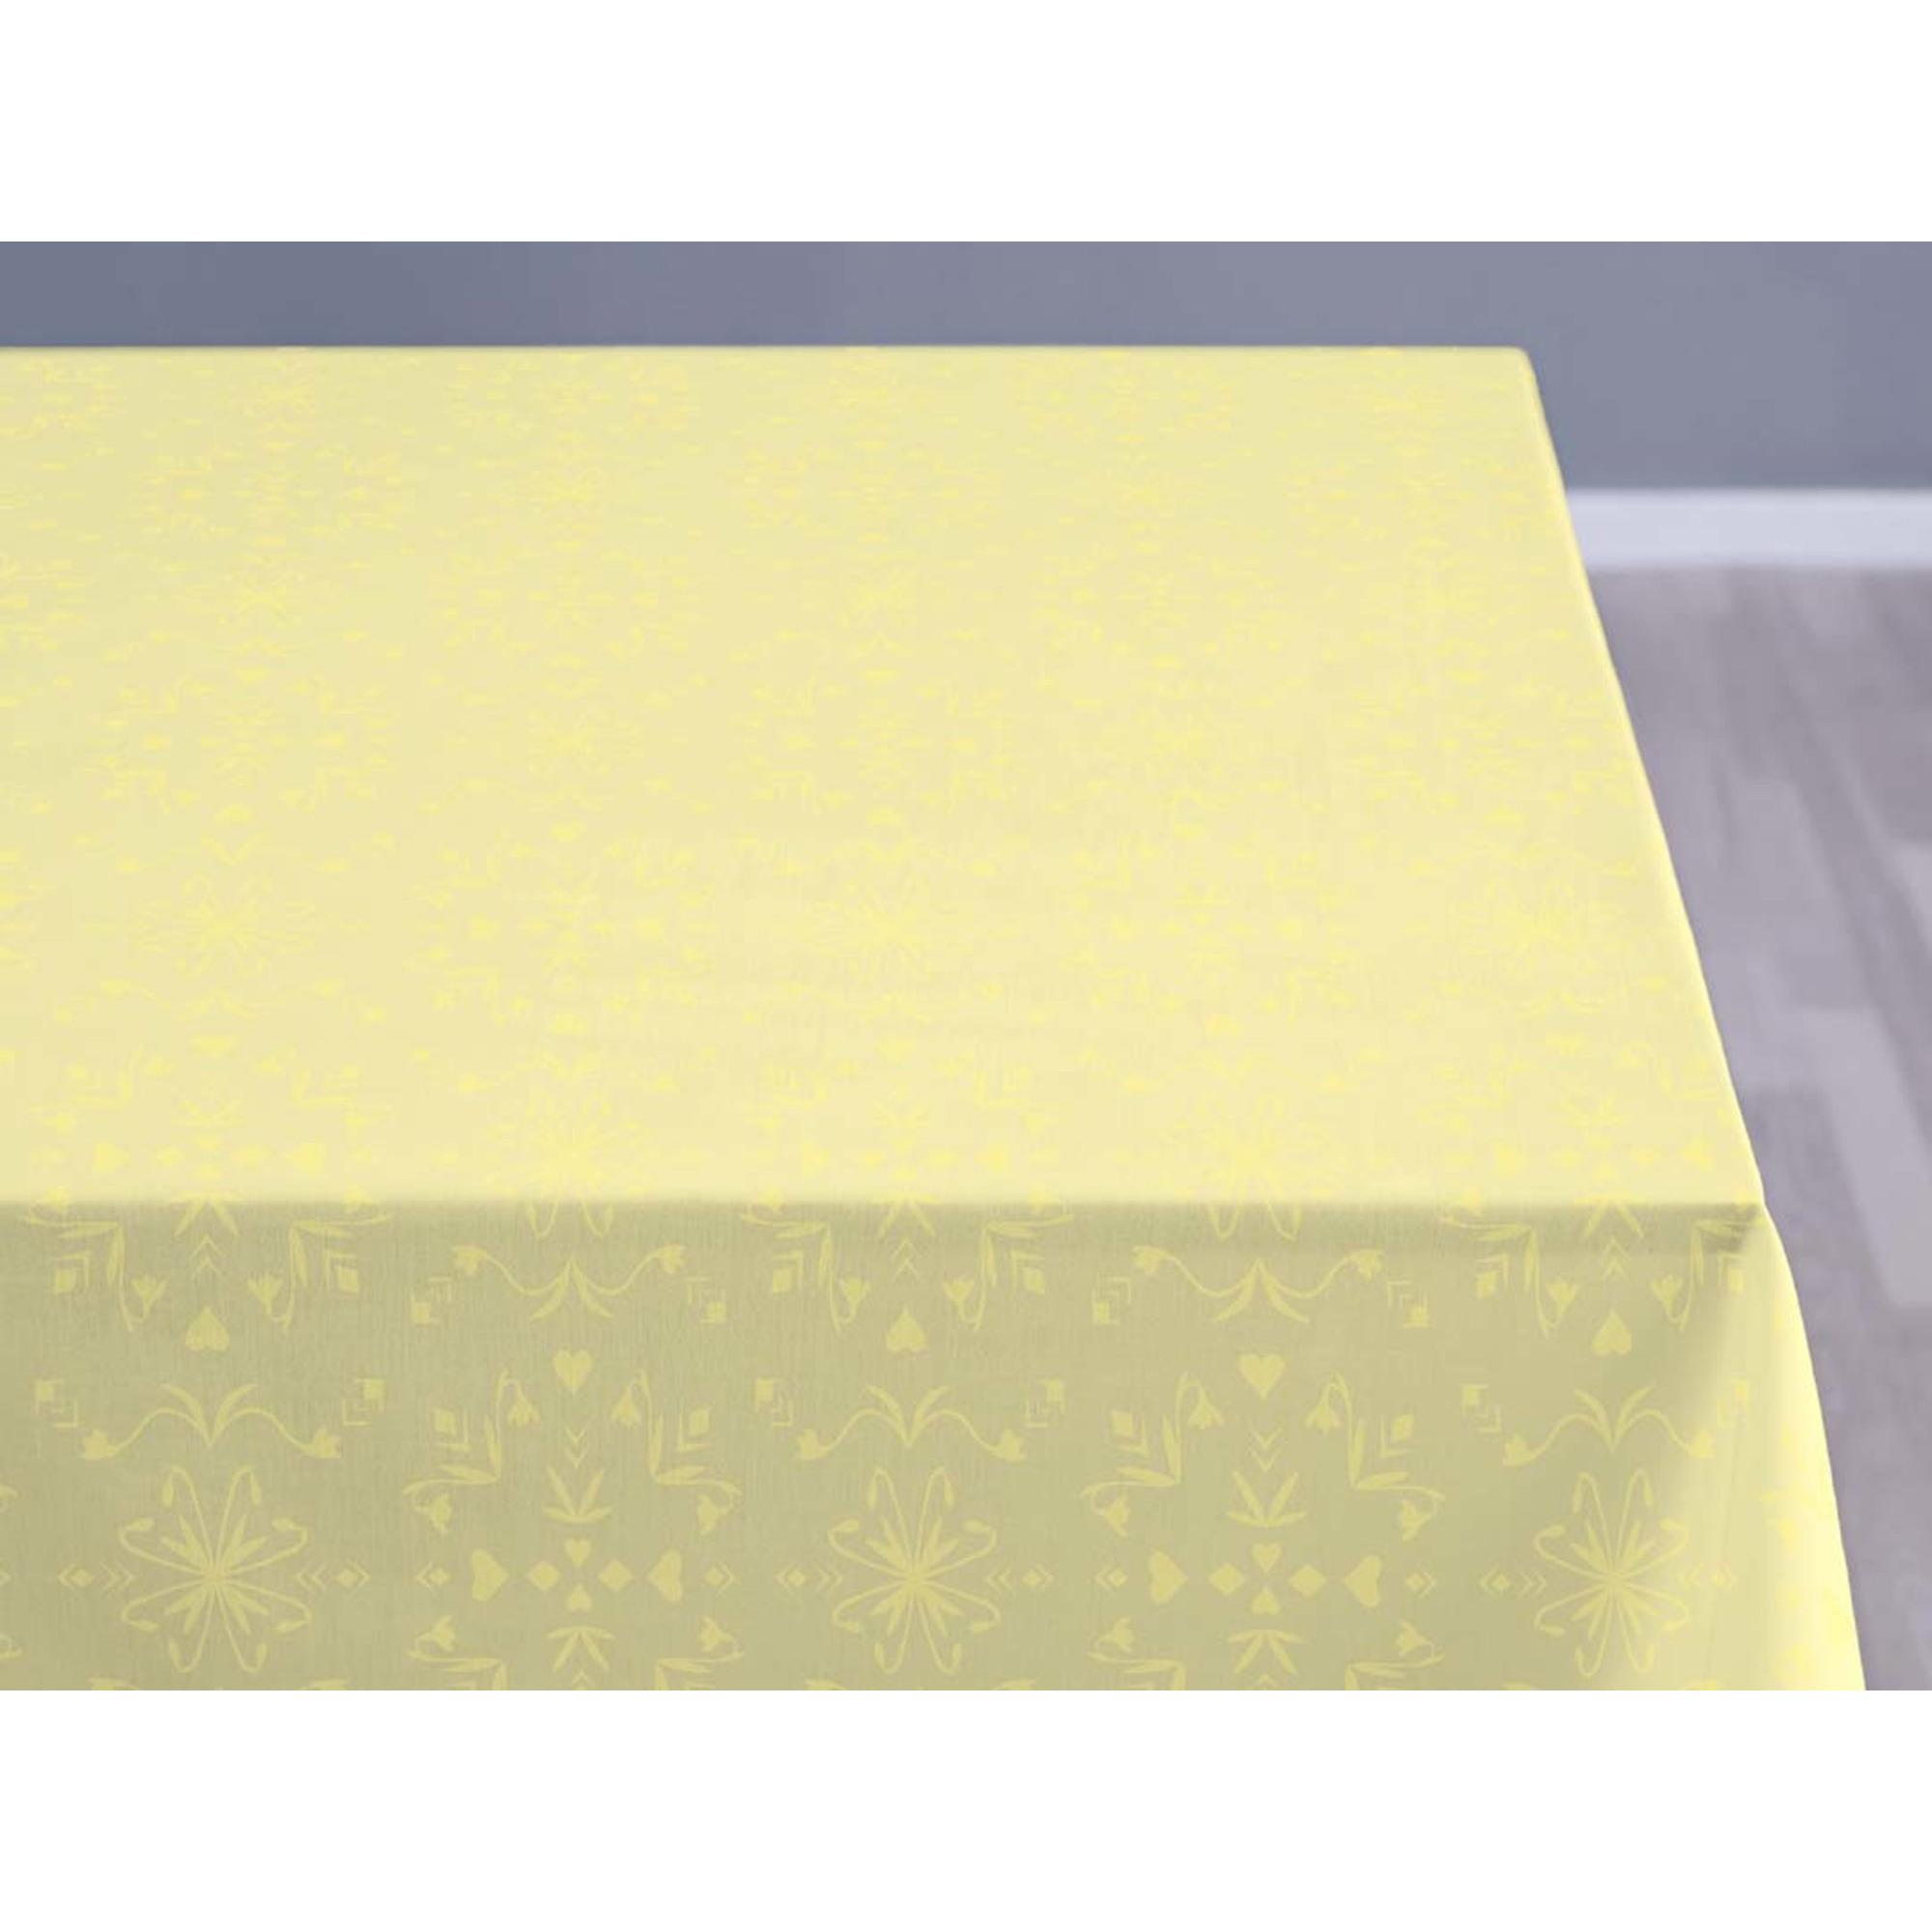 Södahl Duk 140×370 Easter paper gul